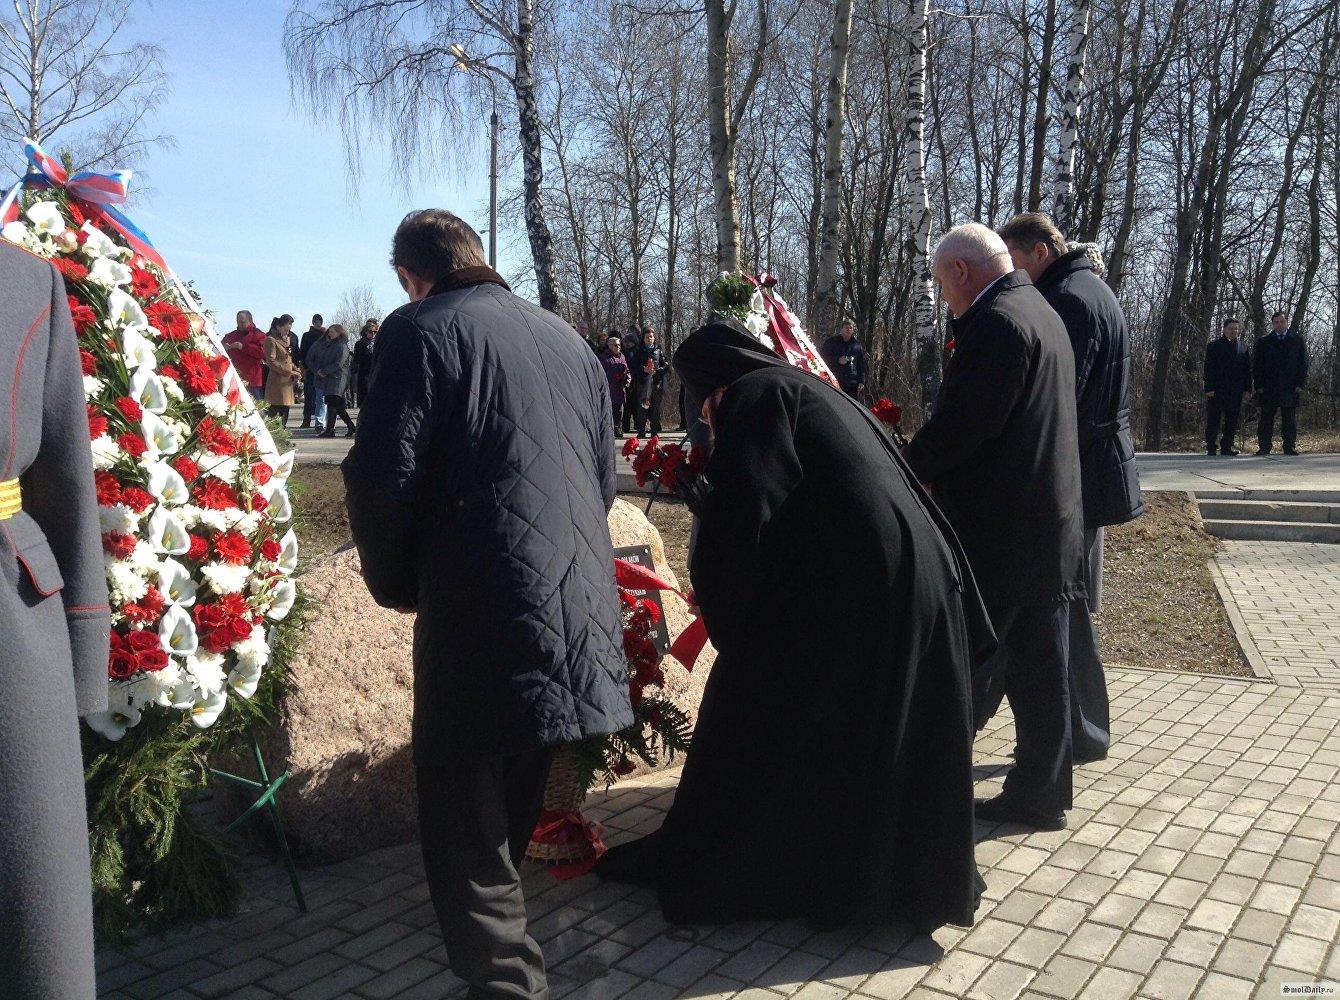 Uroczystości upamiętniające ofiary katastrofy Tu-154 w Smoleńsku